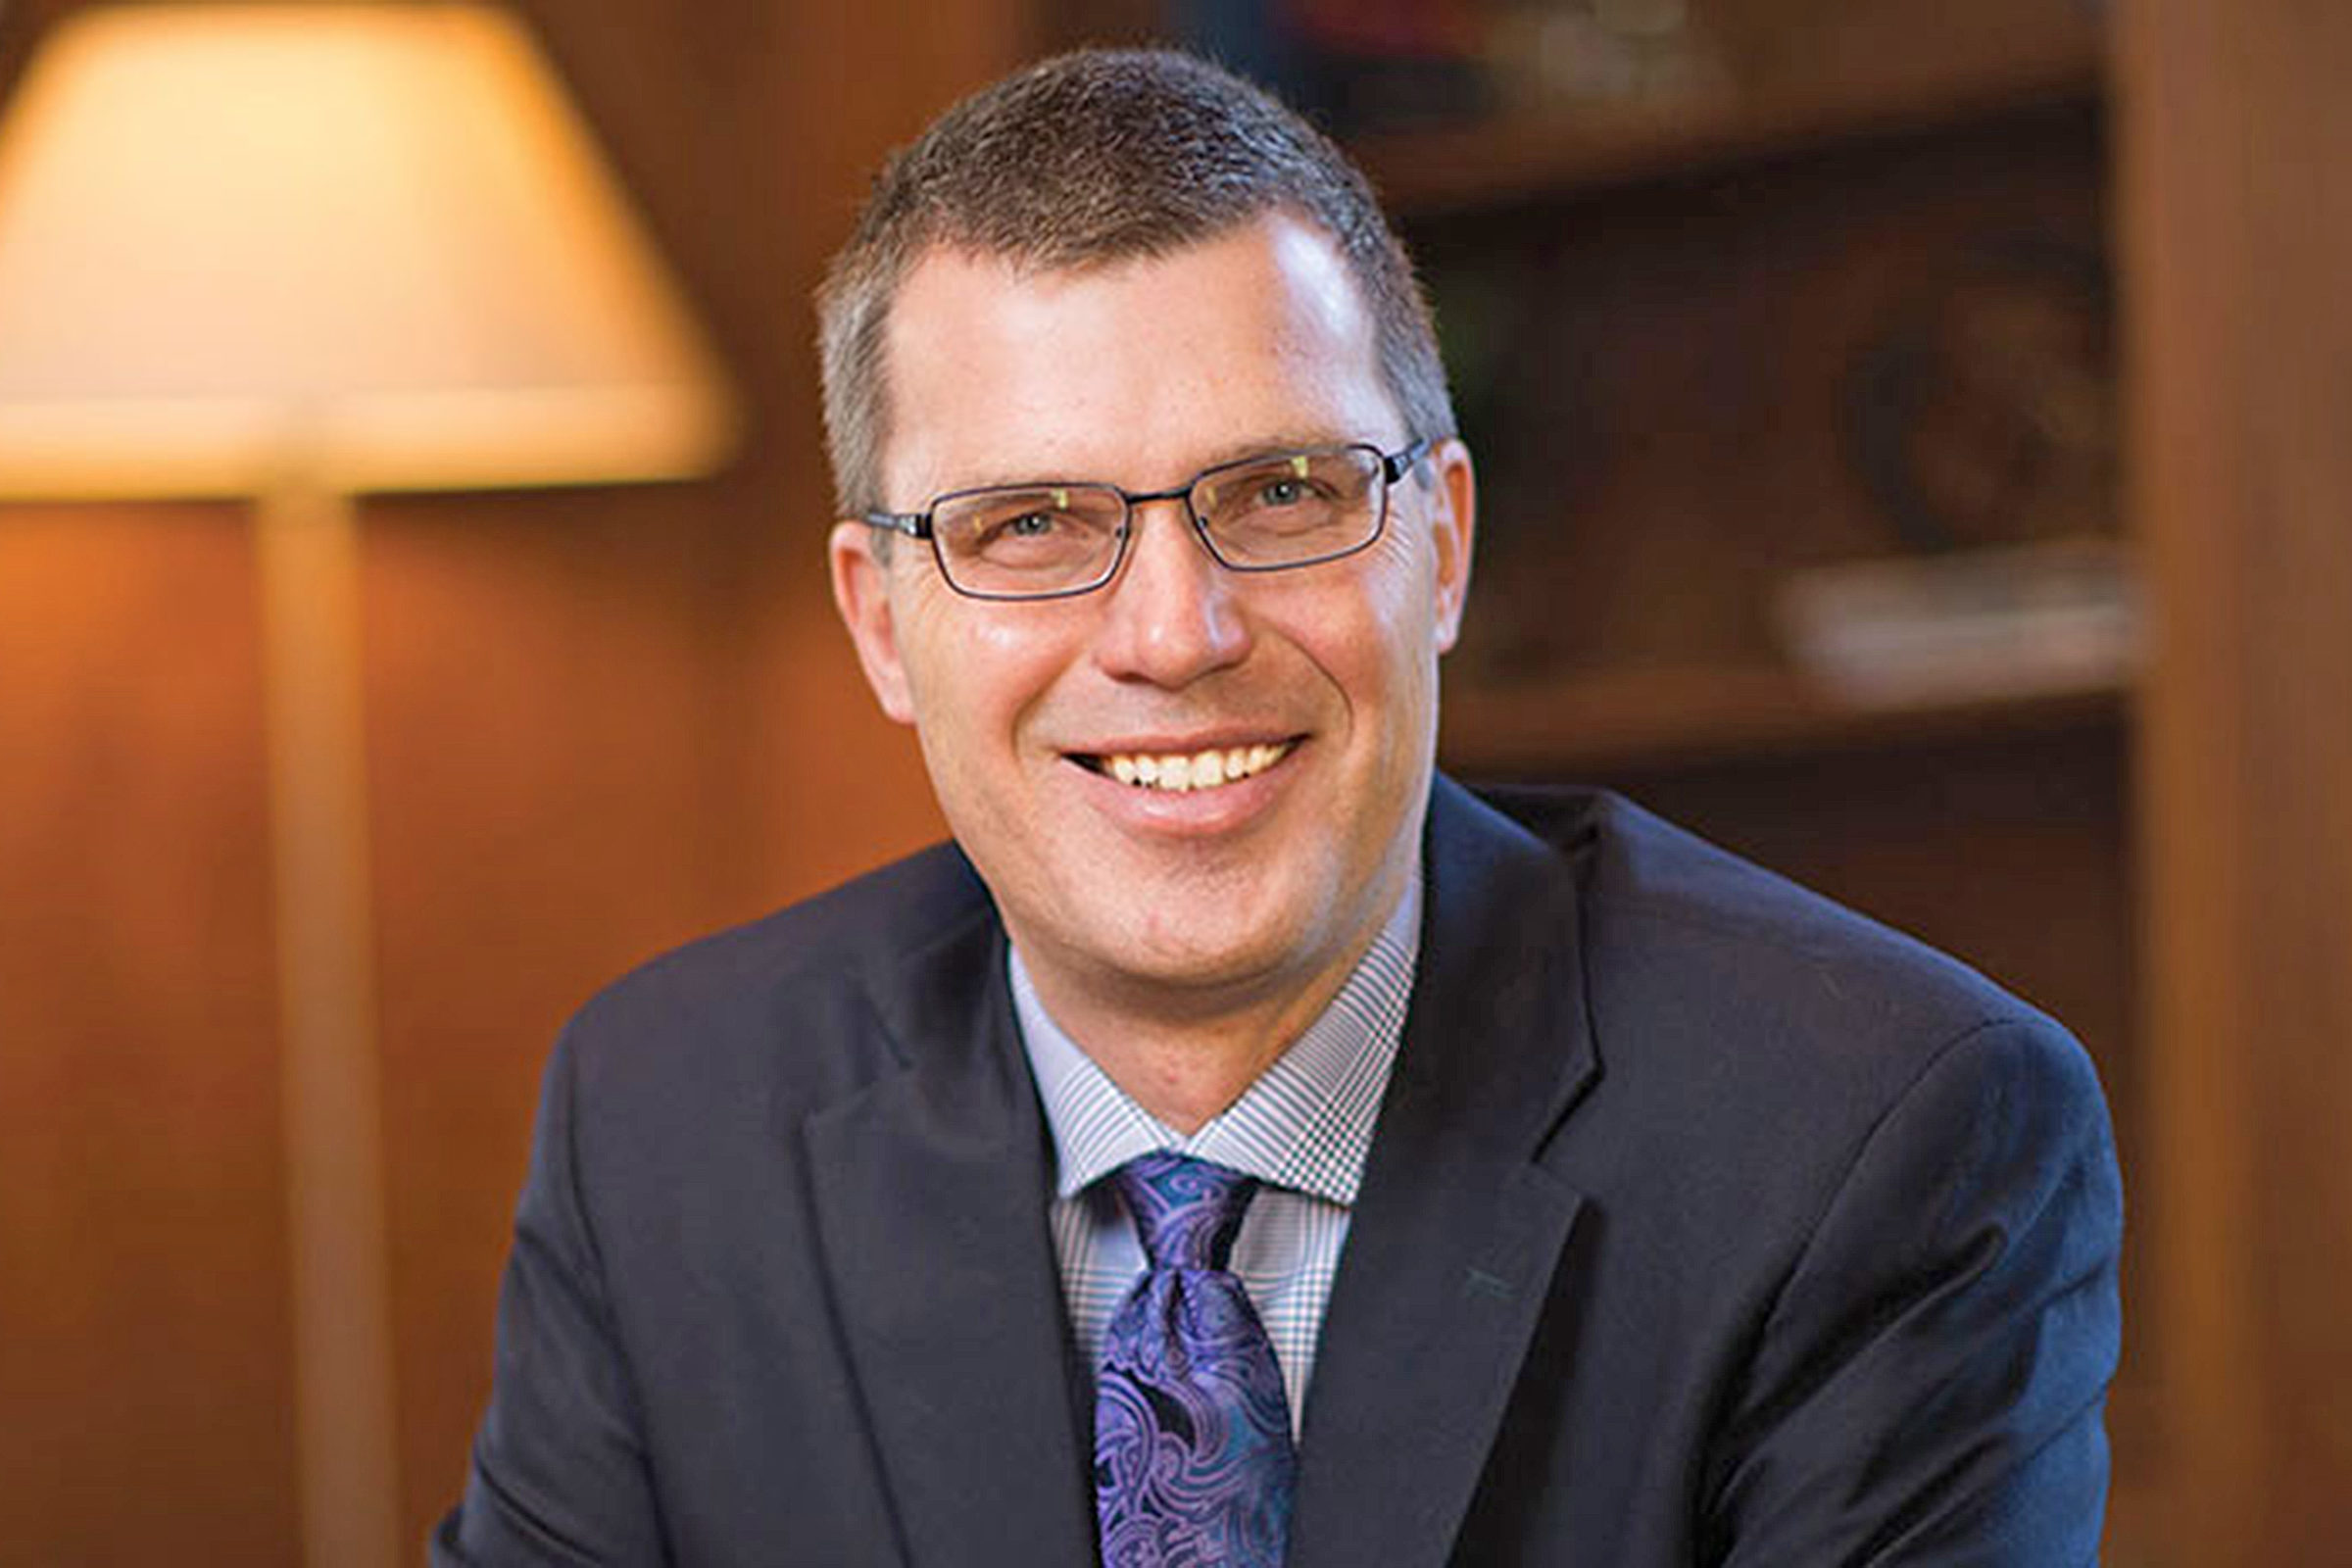 Michael J. Solomon